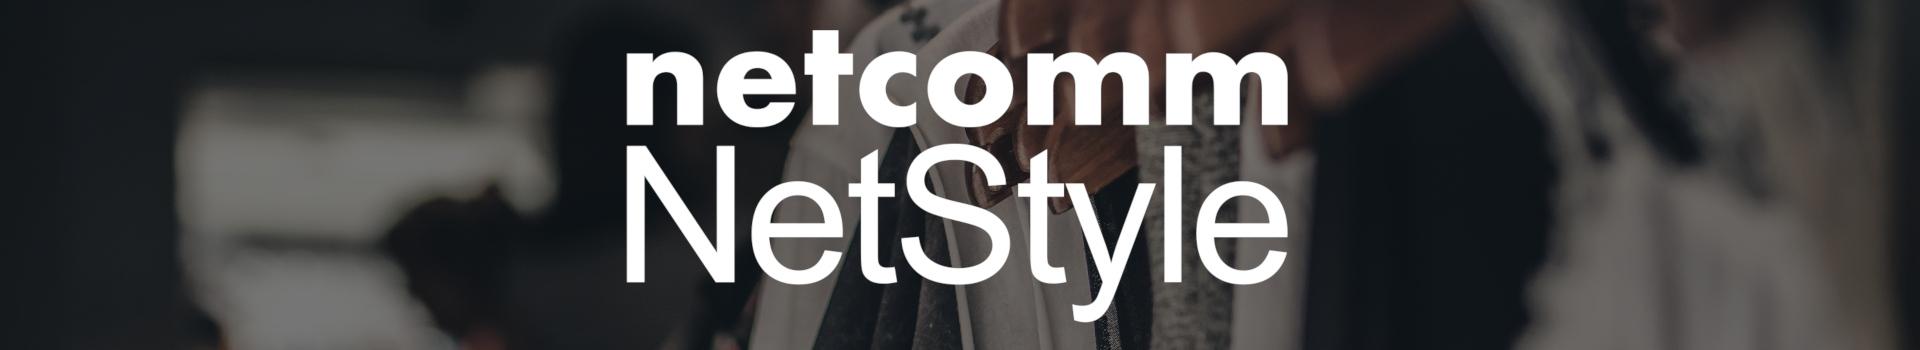 Netcomm NetStyle